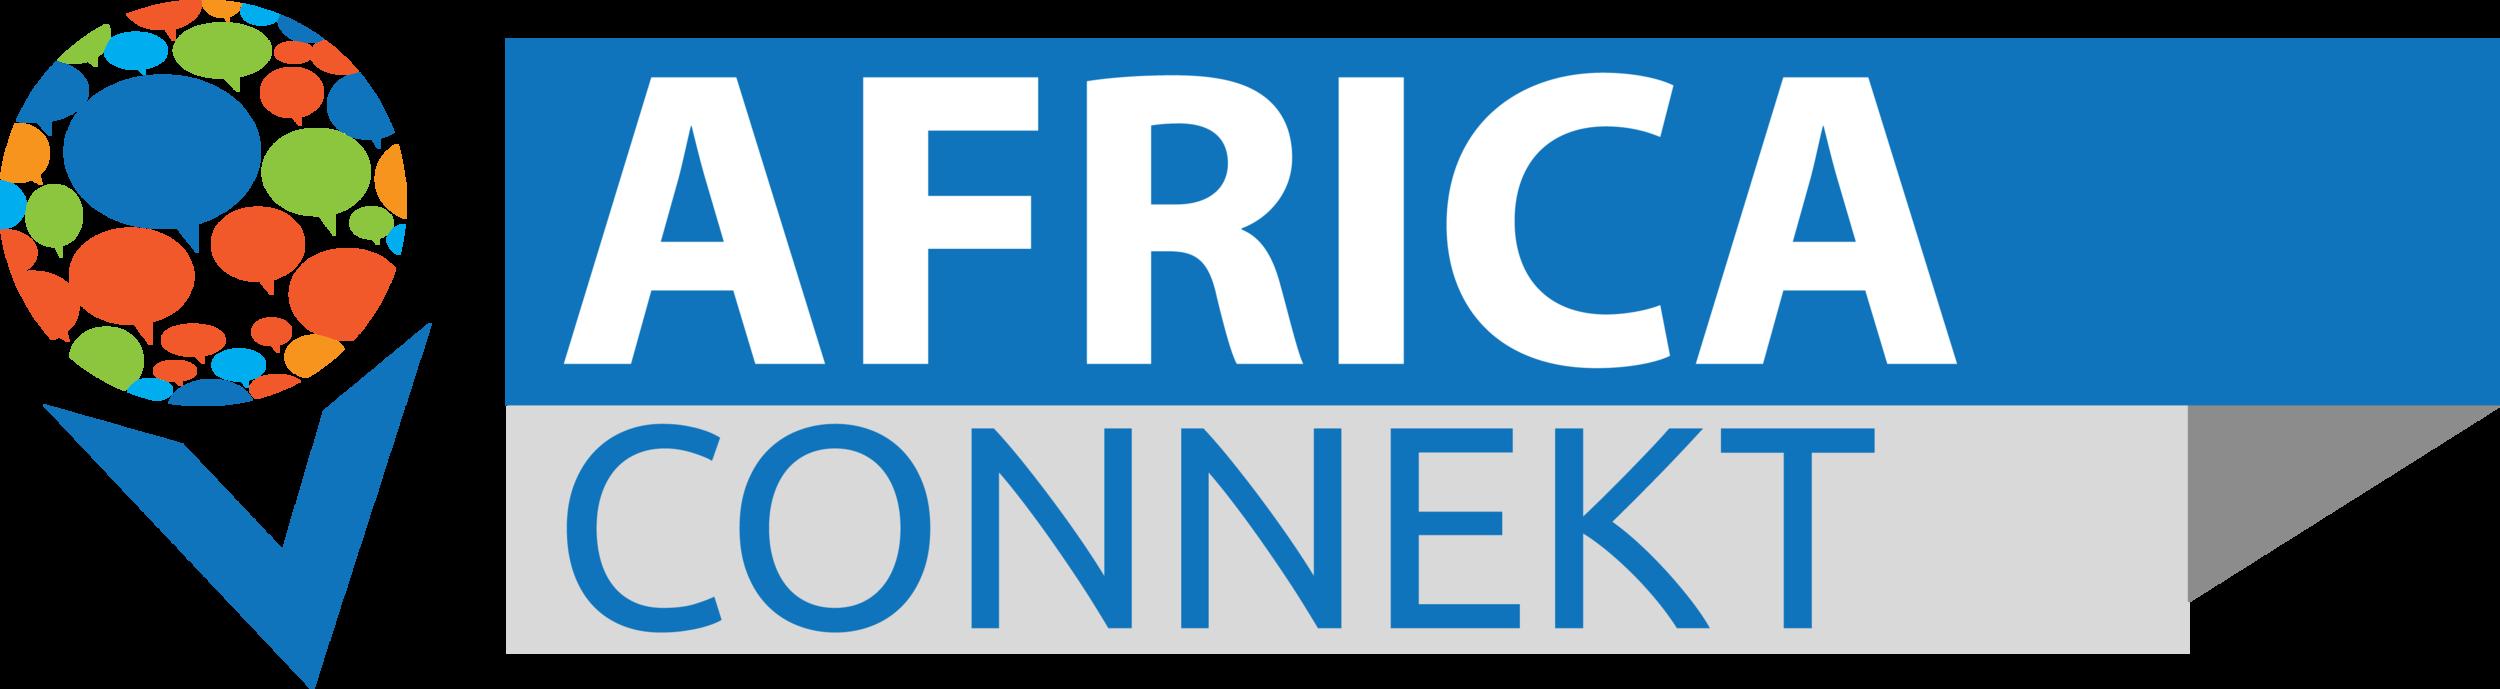 africaconnekt-300.png